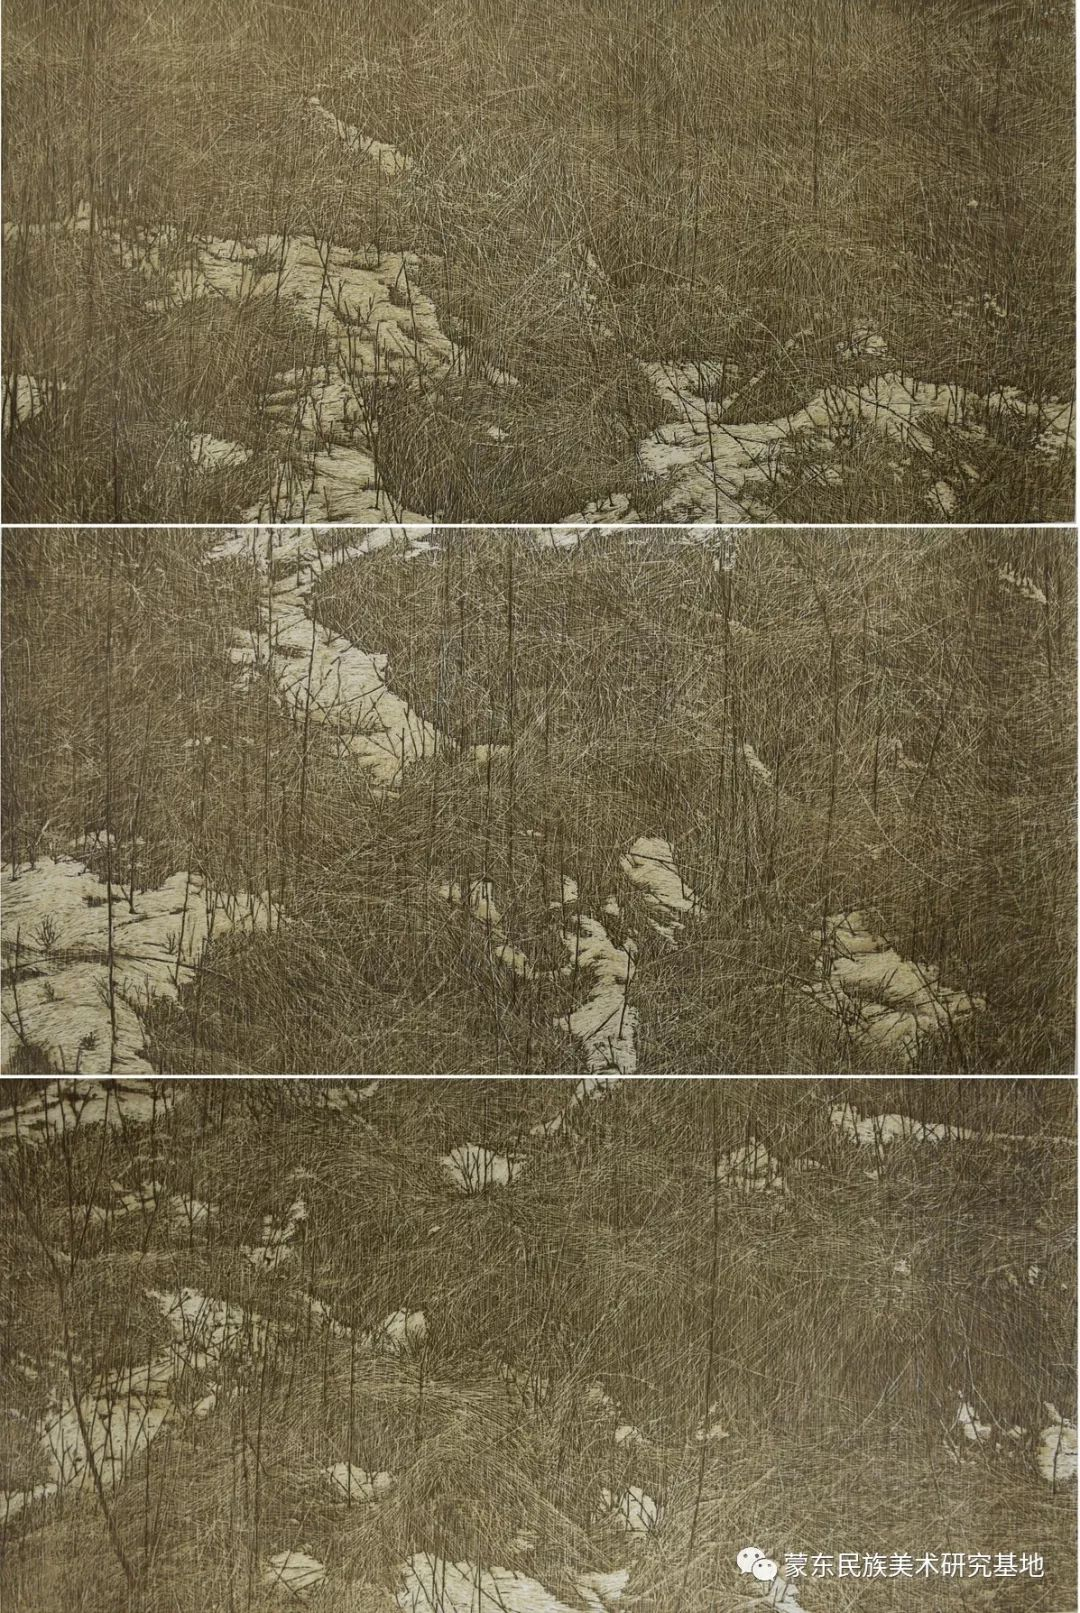 王永波版画作品 第1张 王永波版画作品 蒙古画廊